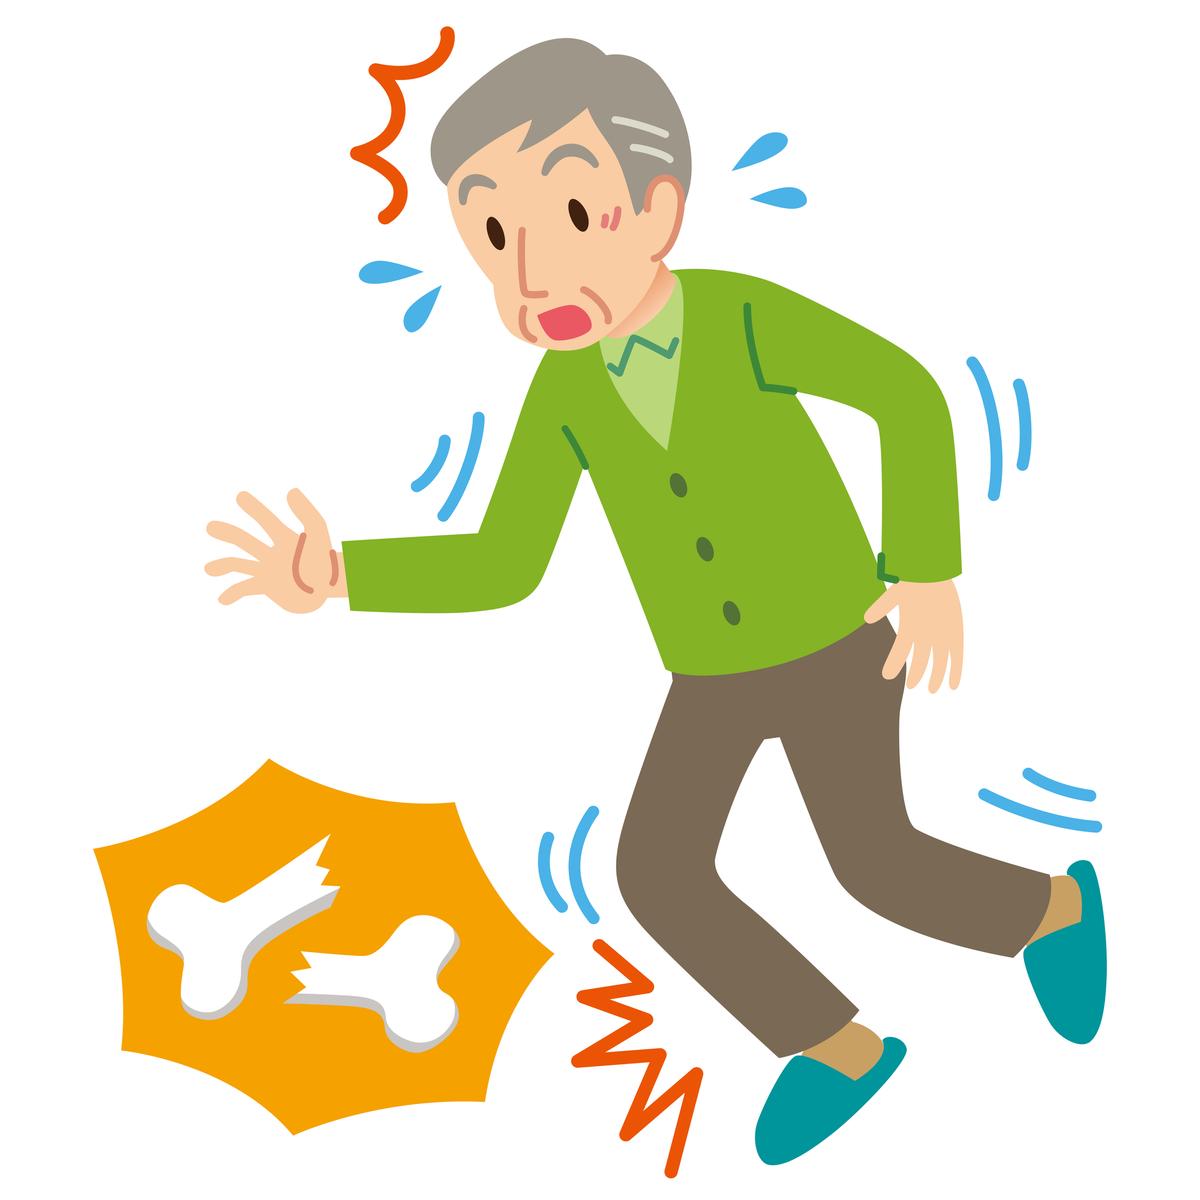 高齢者に多い骨粗鬆症(こつそしょうしょう)とは?